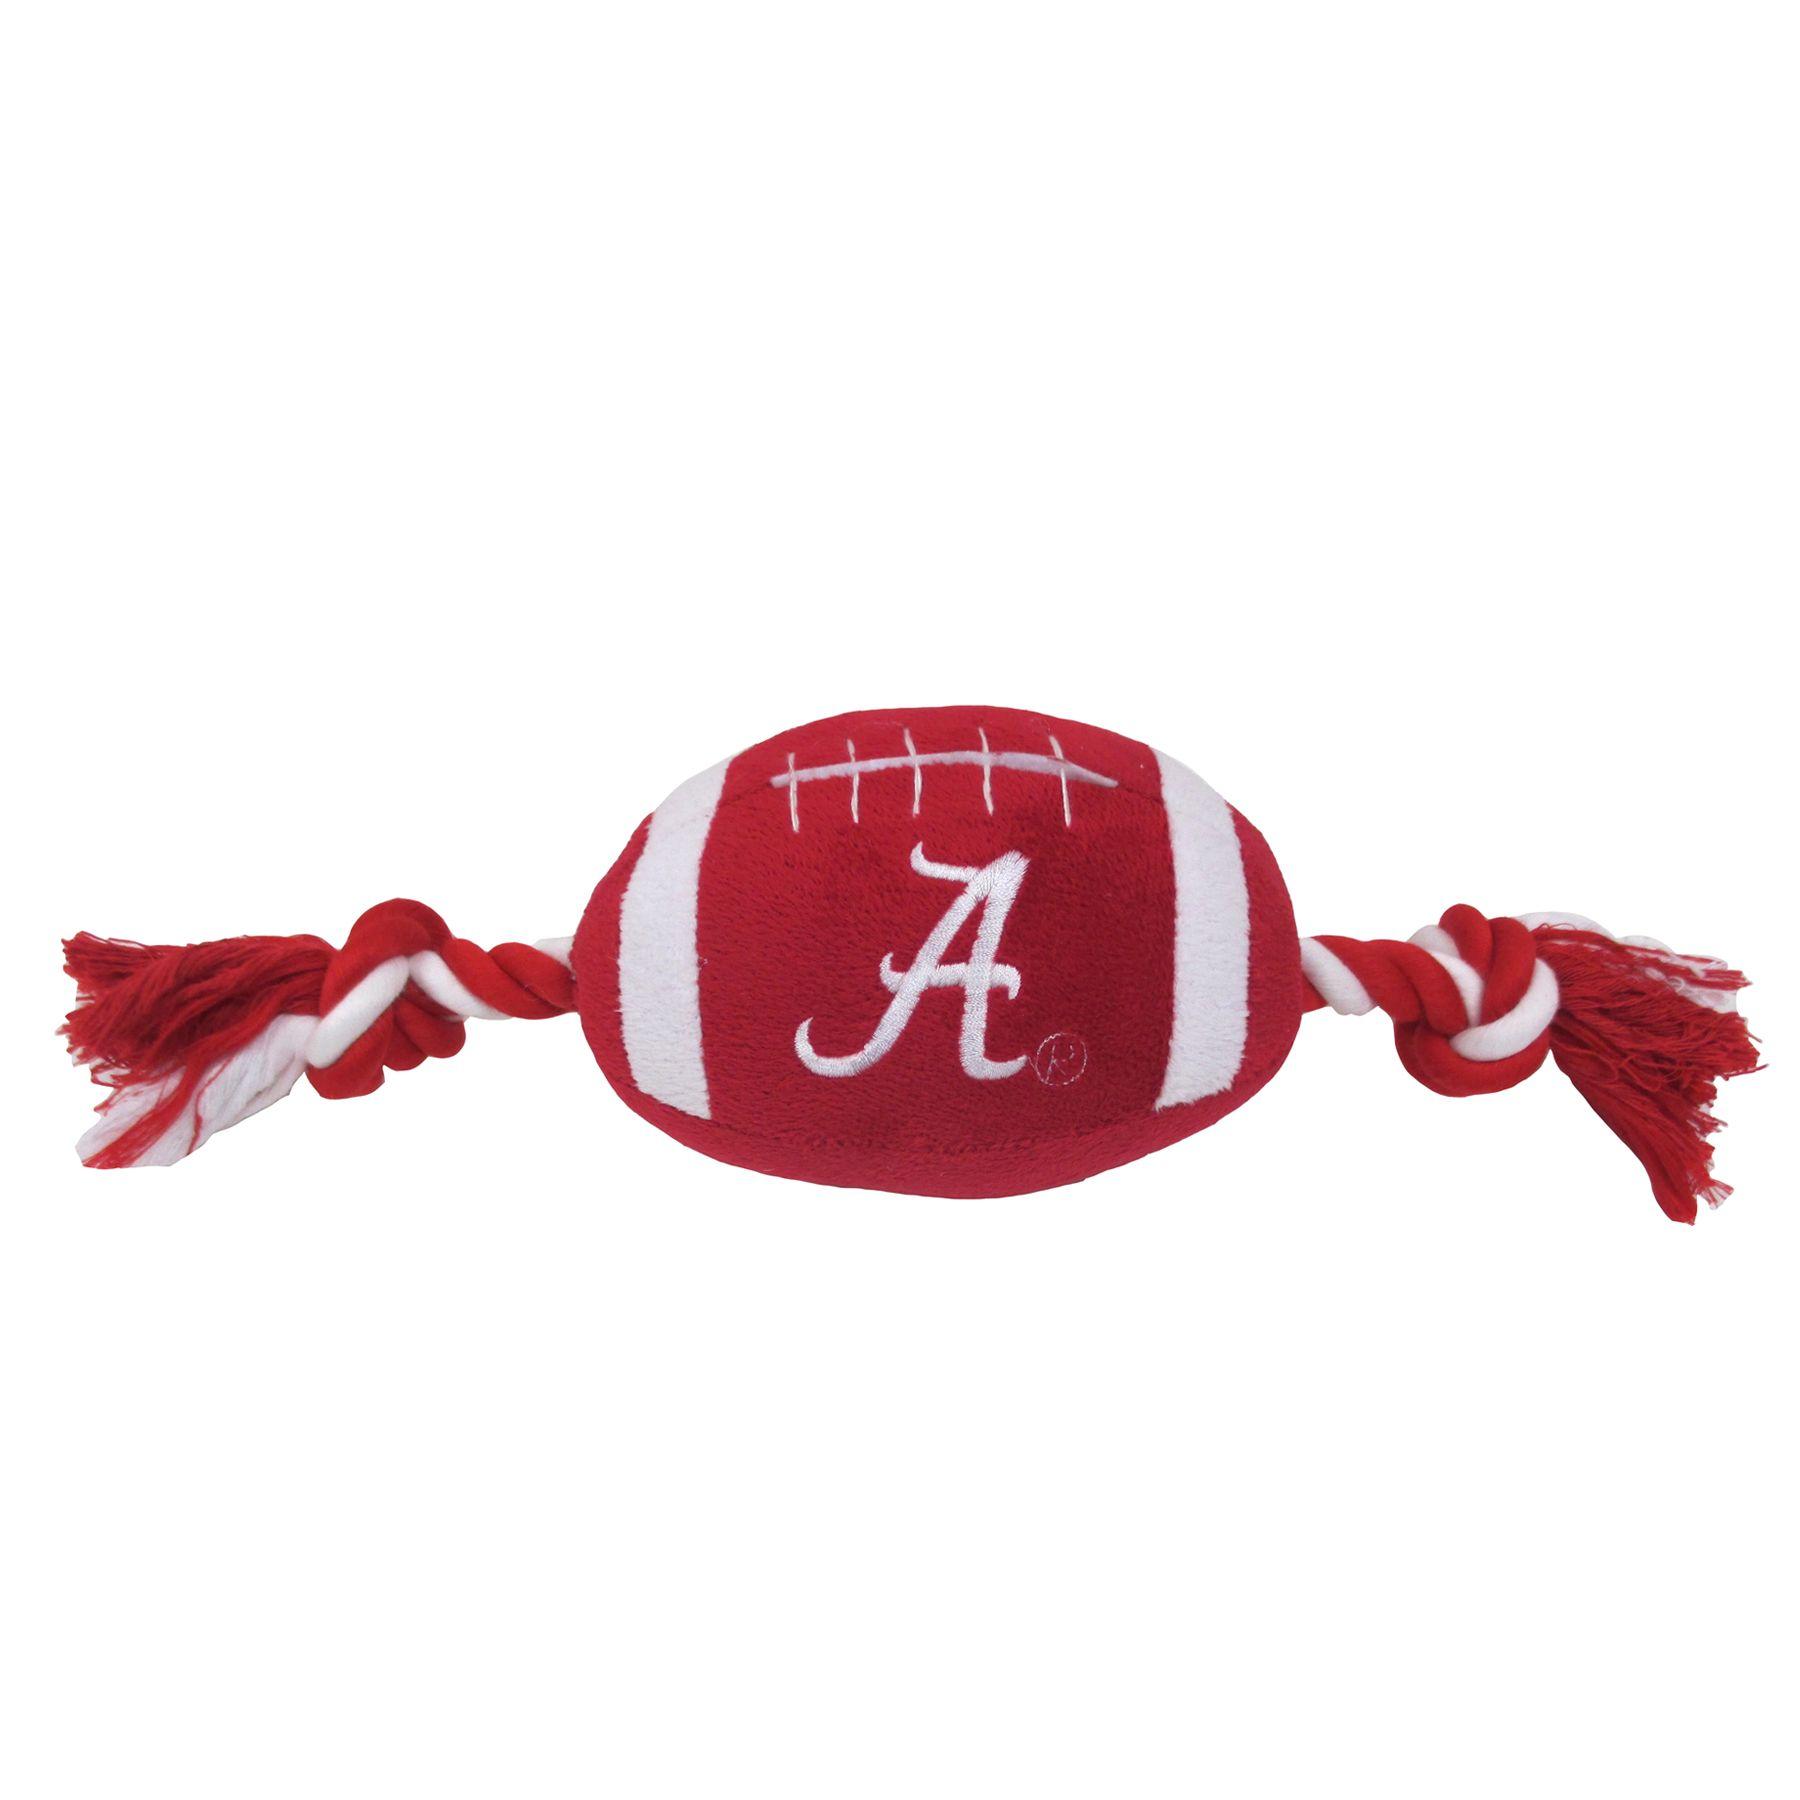 University of Alabama Crimson Tide Football Dog Toy 5243450